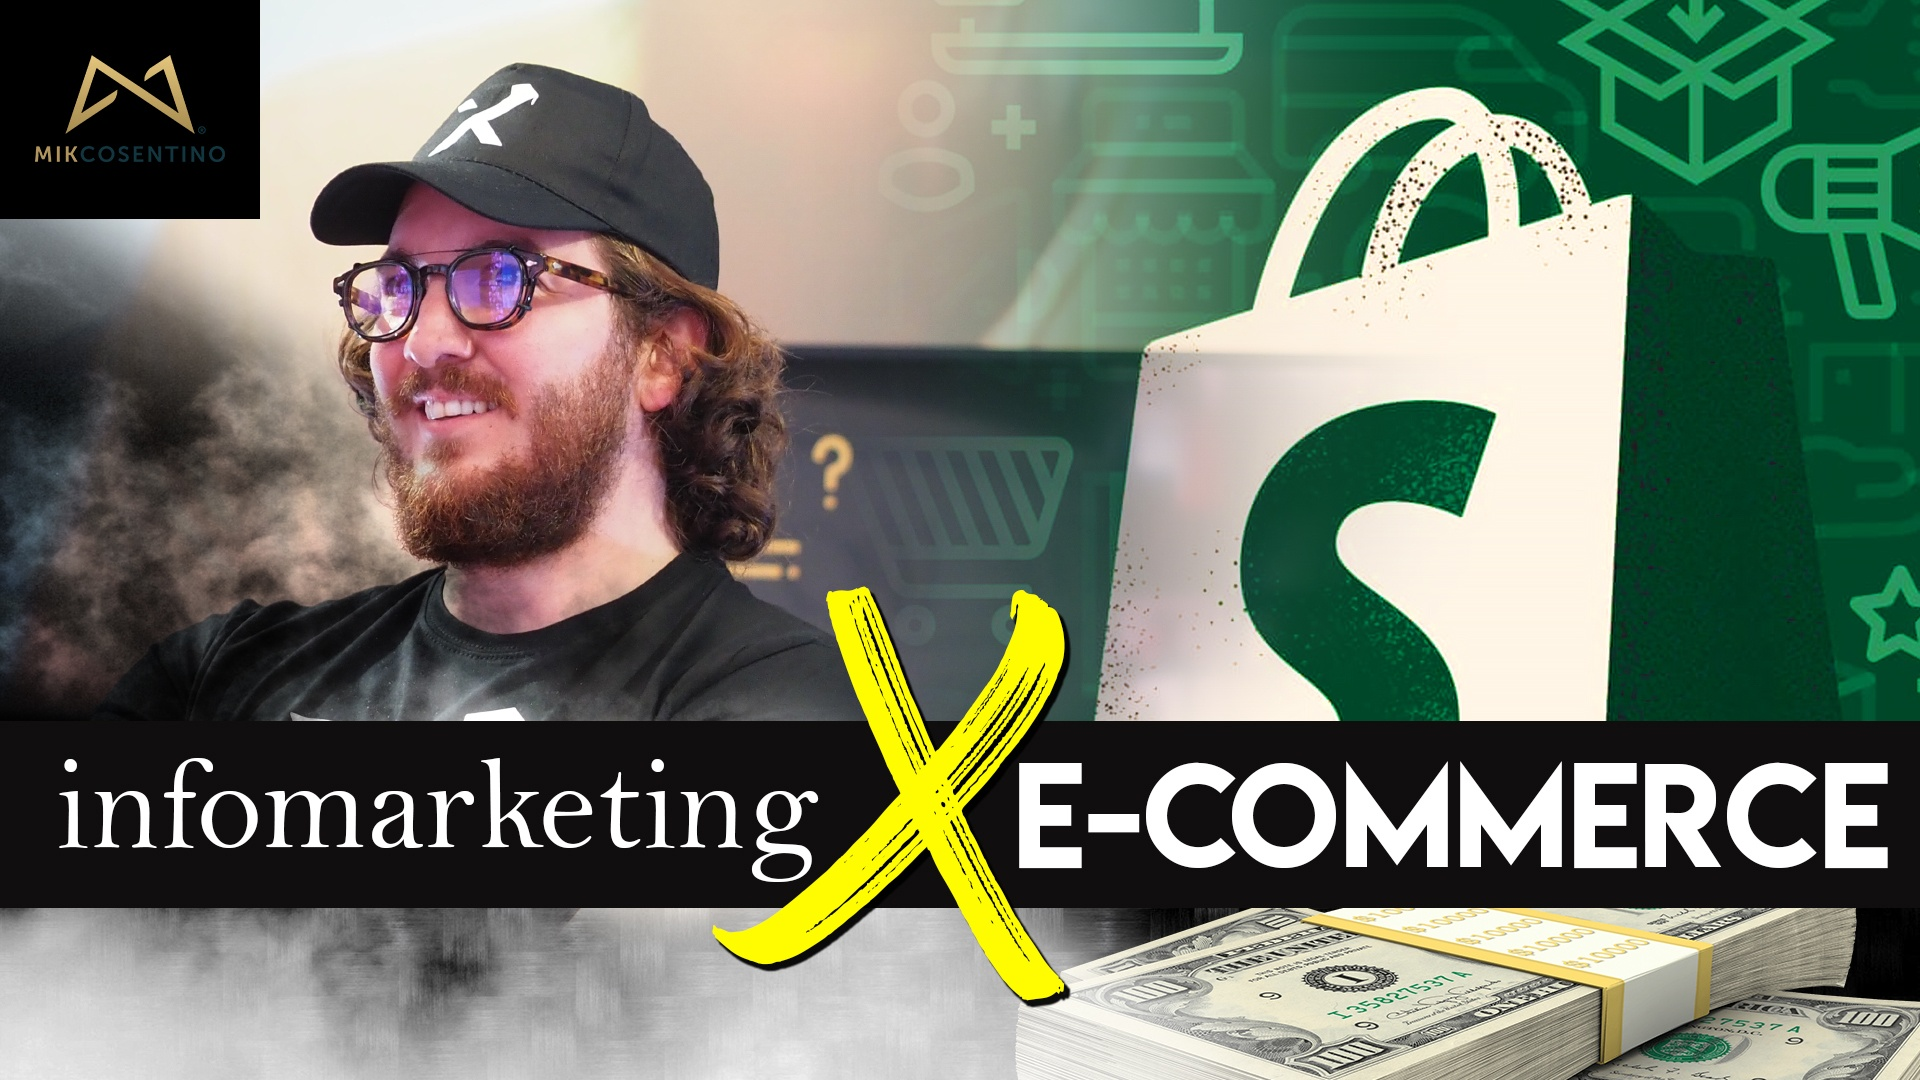 infomarketing ecommerce